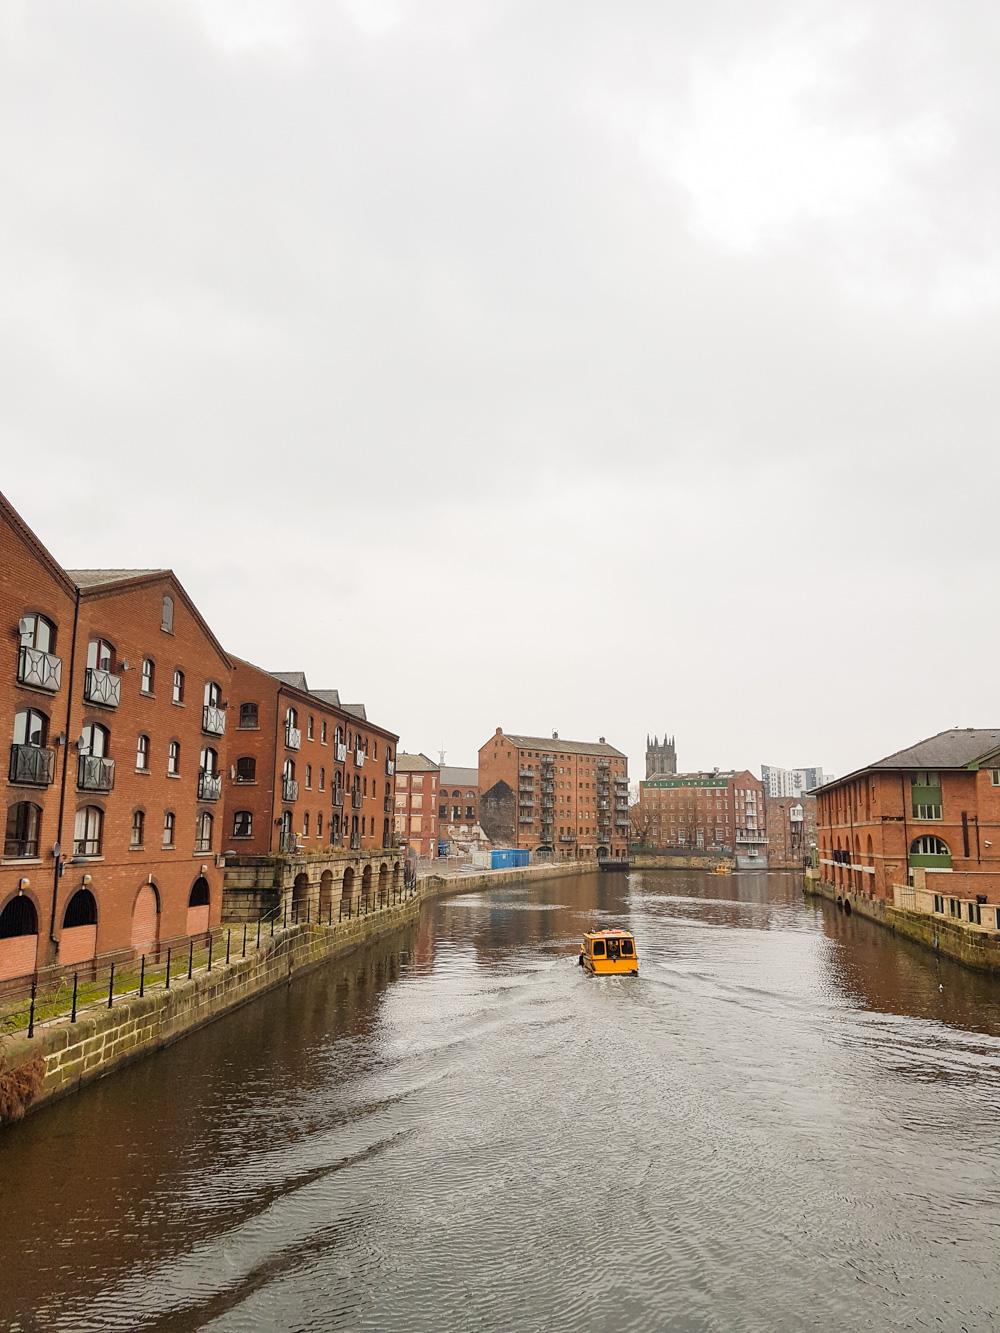 Leeds, UK